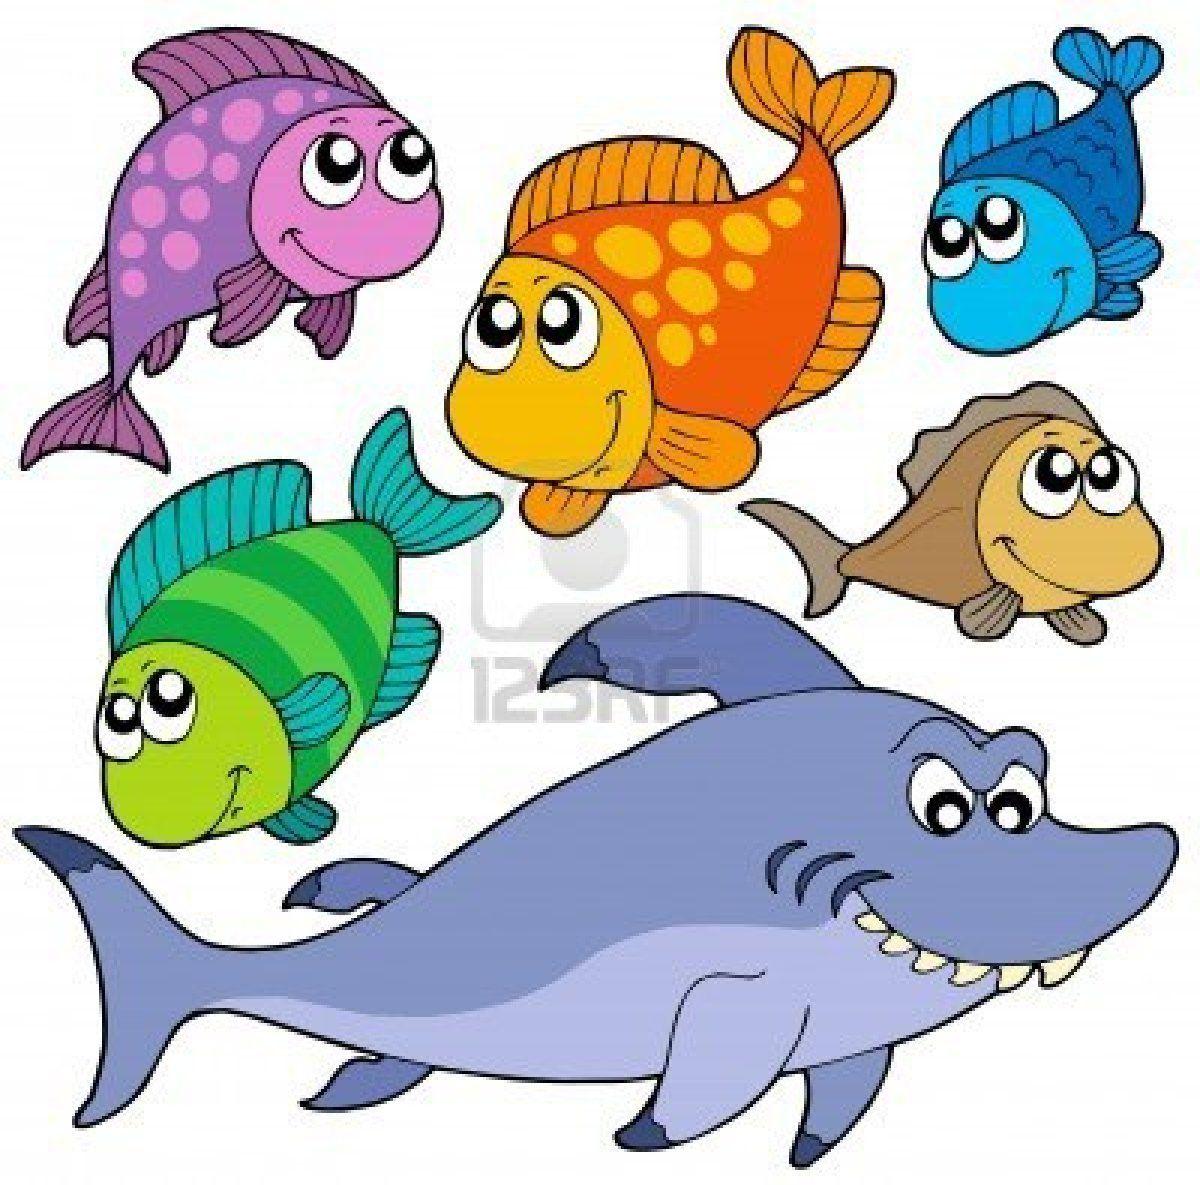 Peces 59174976 1200 1185 Dibujos Animales Acuaticos Dibujos Animados